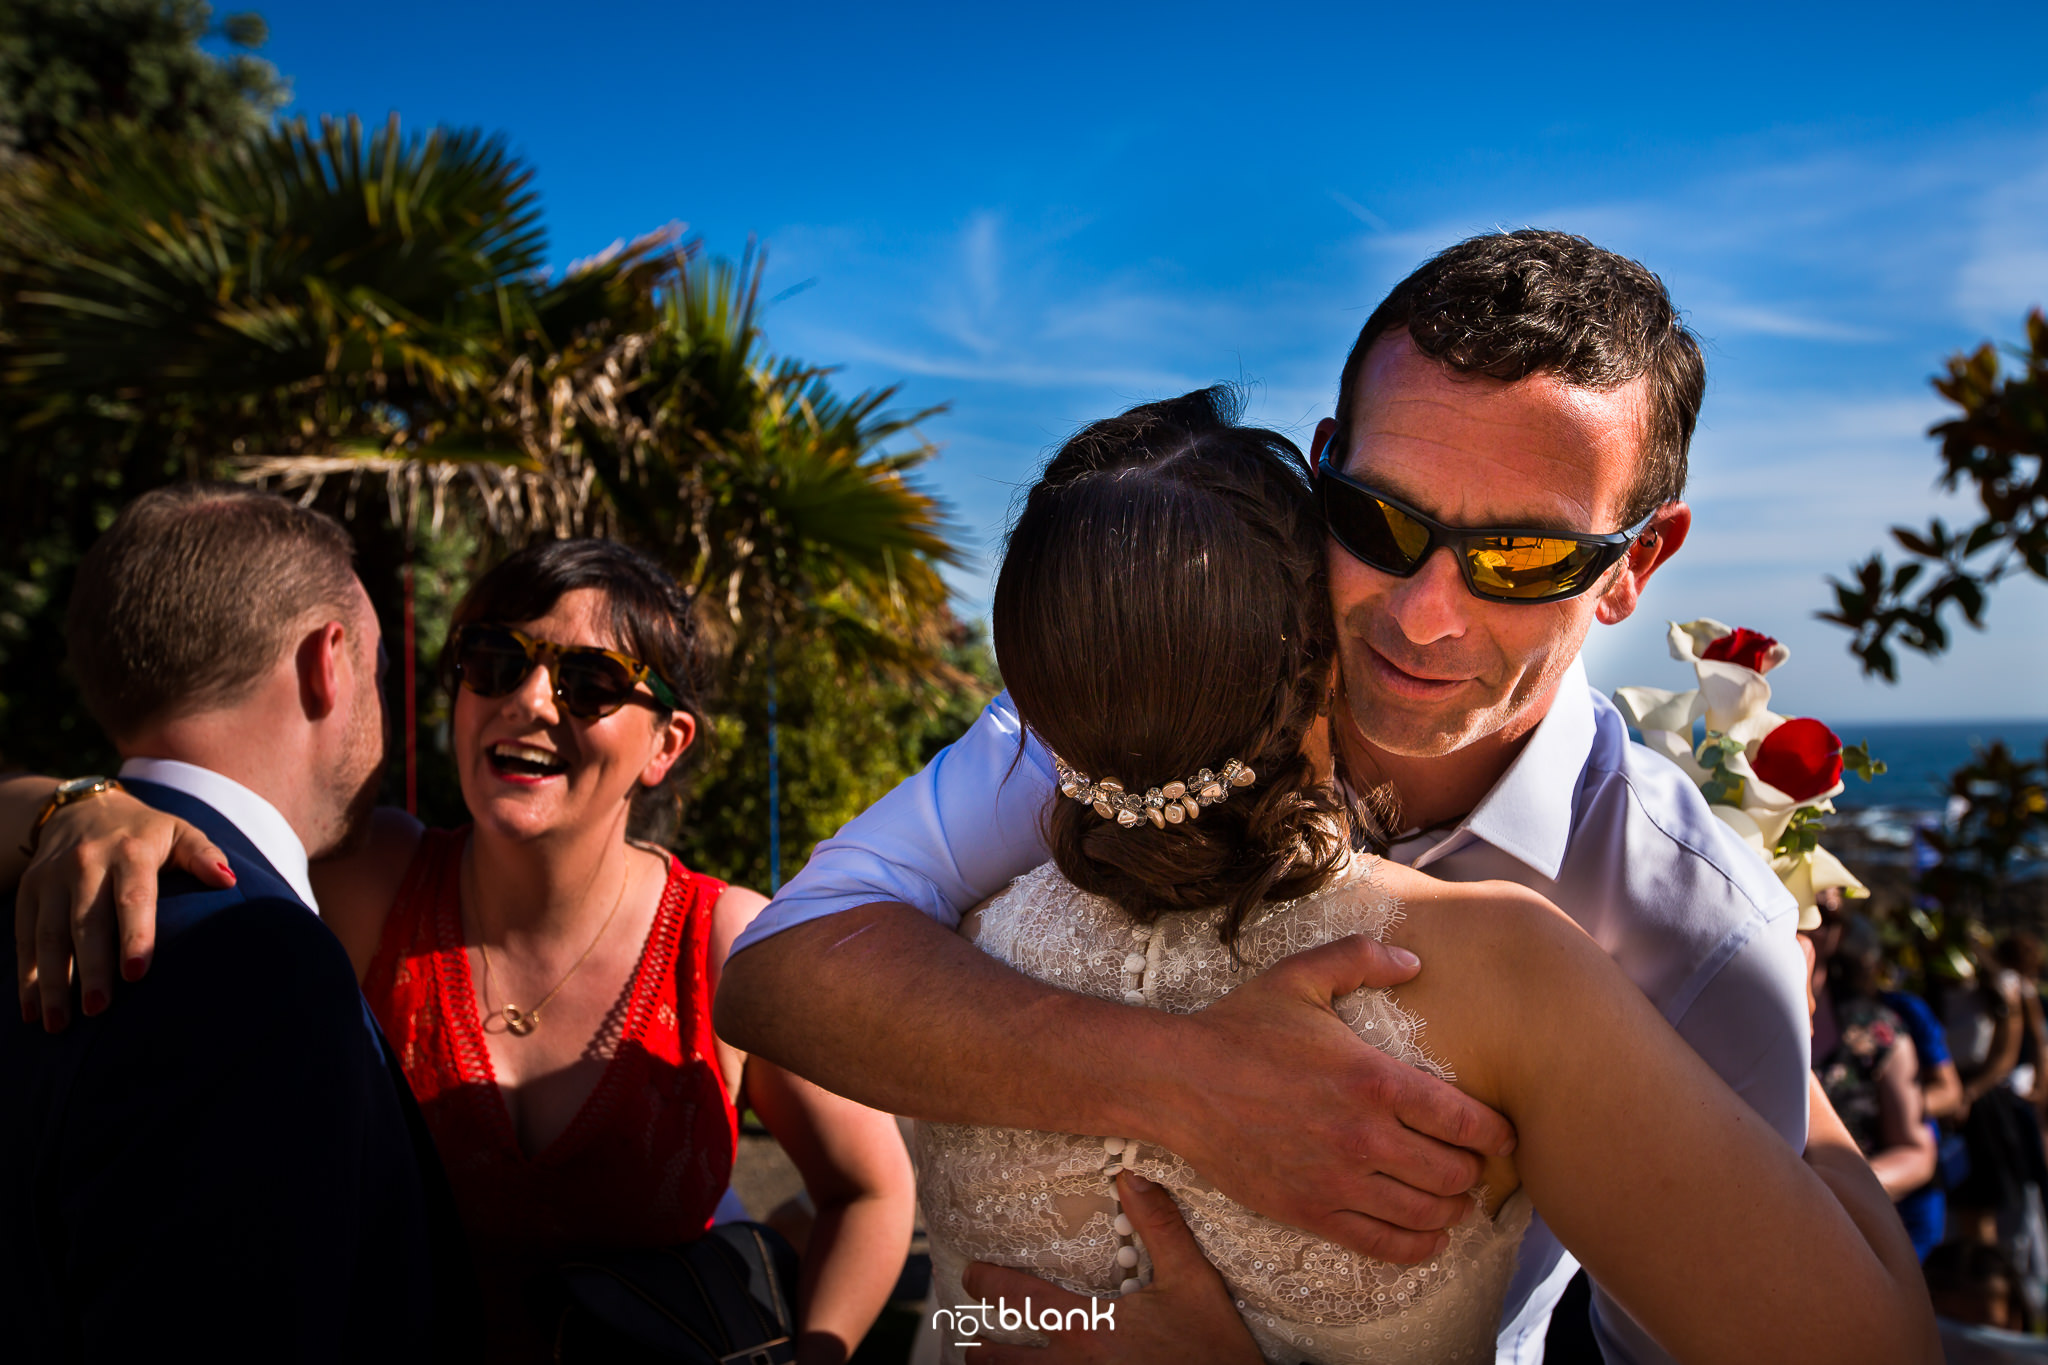 Boda de destino de Maite y David. Los Amigos Felicitan Novia en Ceremonia Civil en Talaso Atlantico.Reportaje realizado por Notblank Fotografos de boda